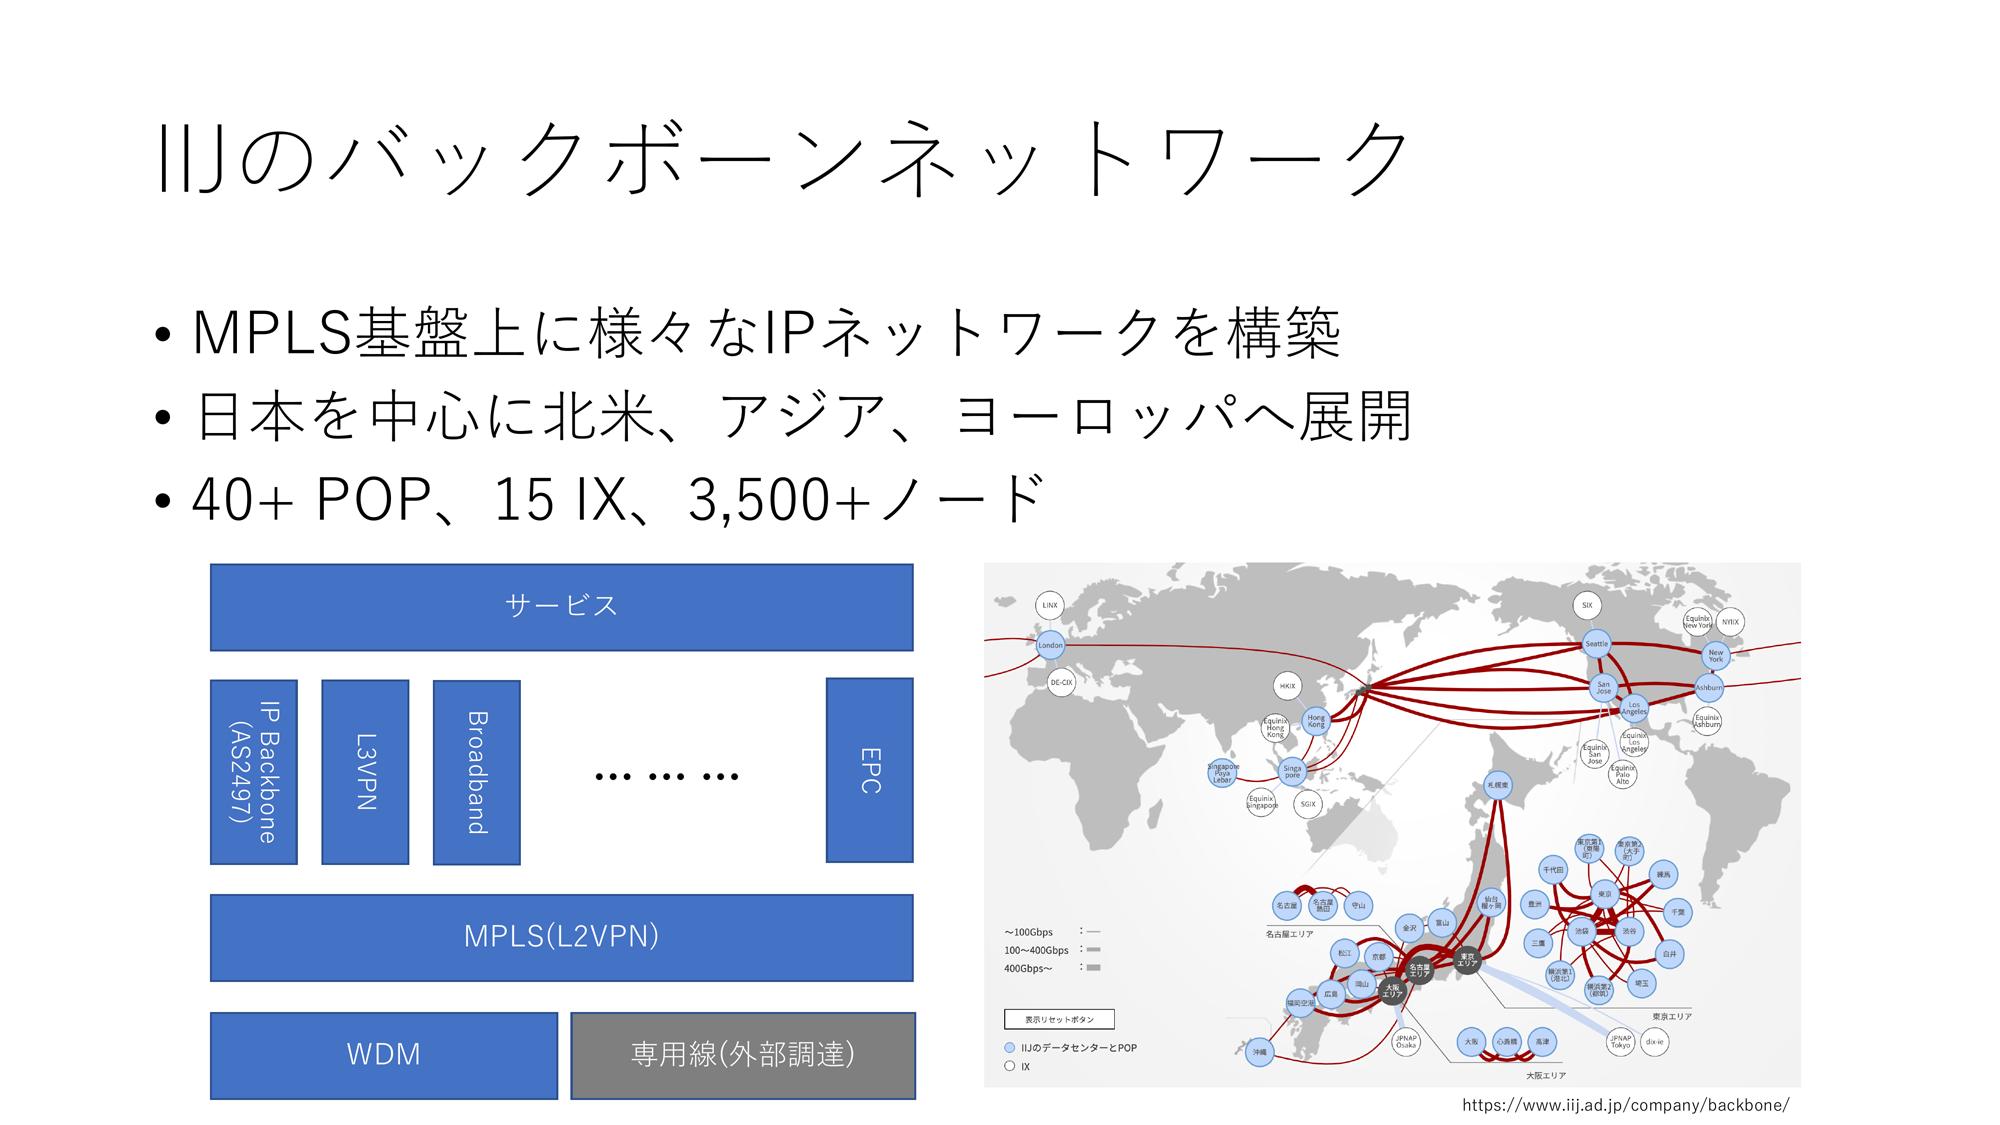 IIJのバックボーンネットワーク